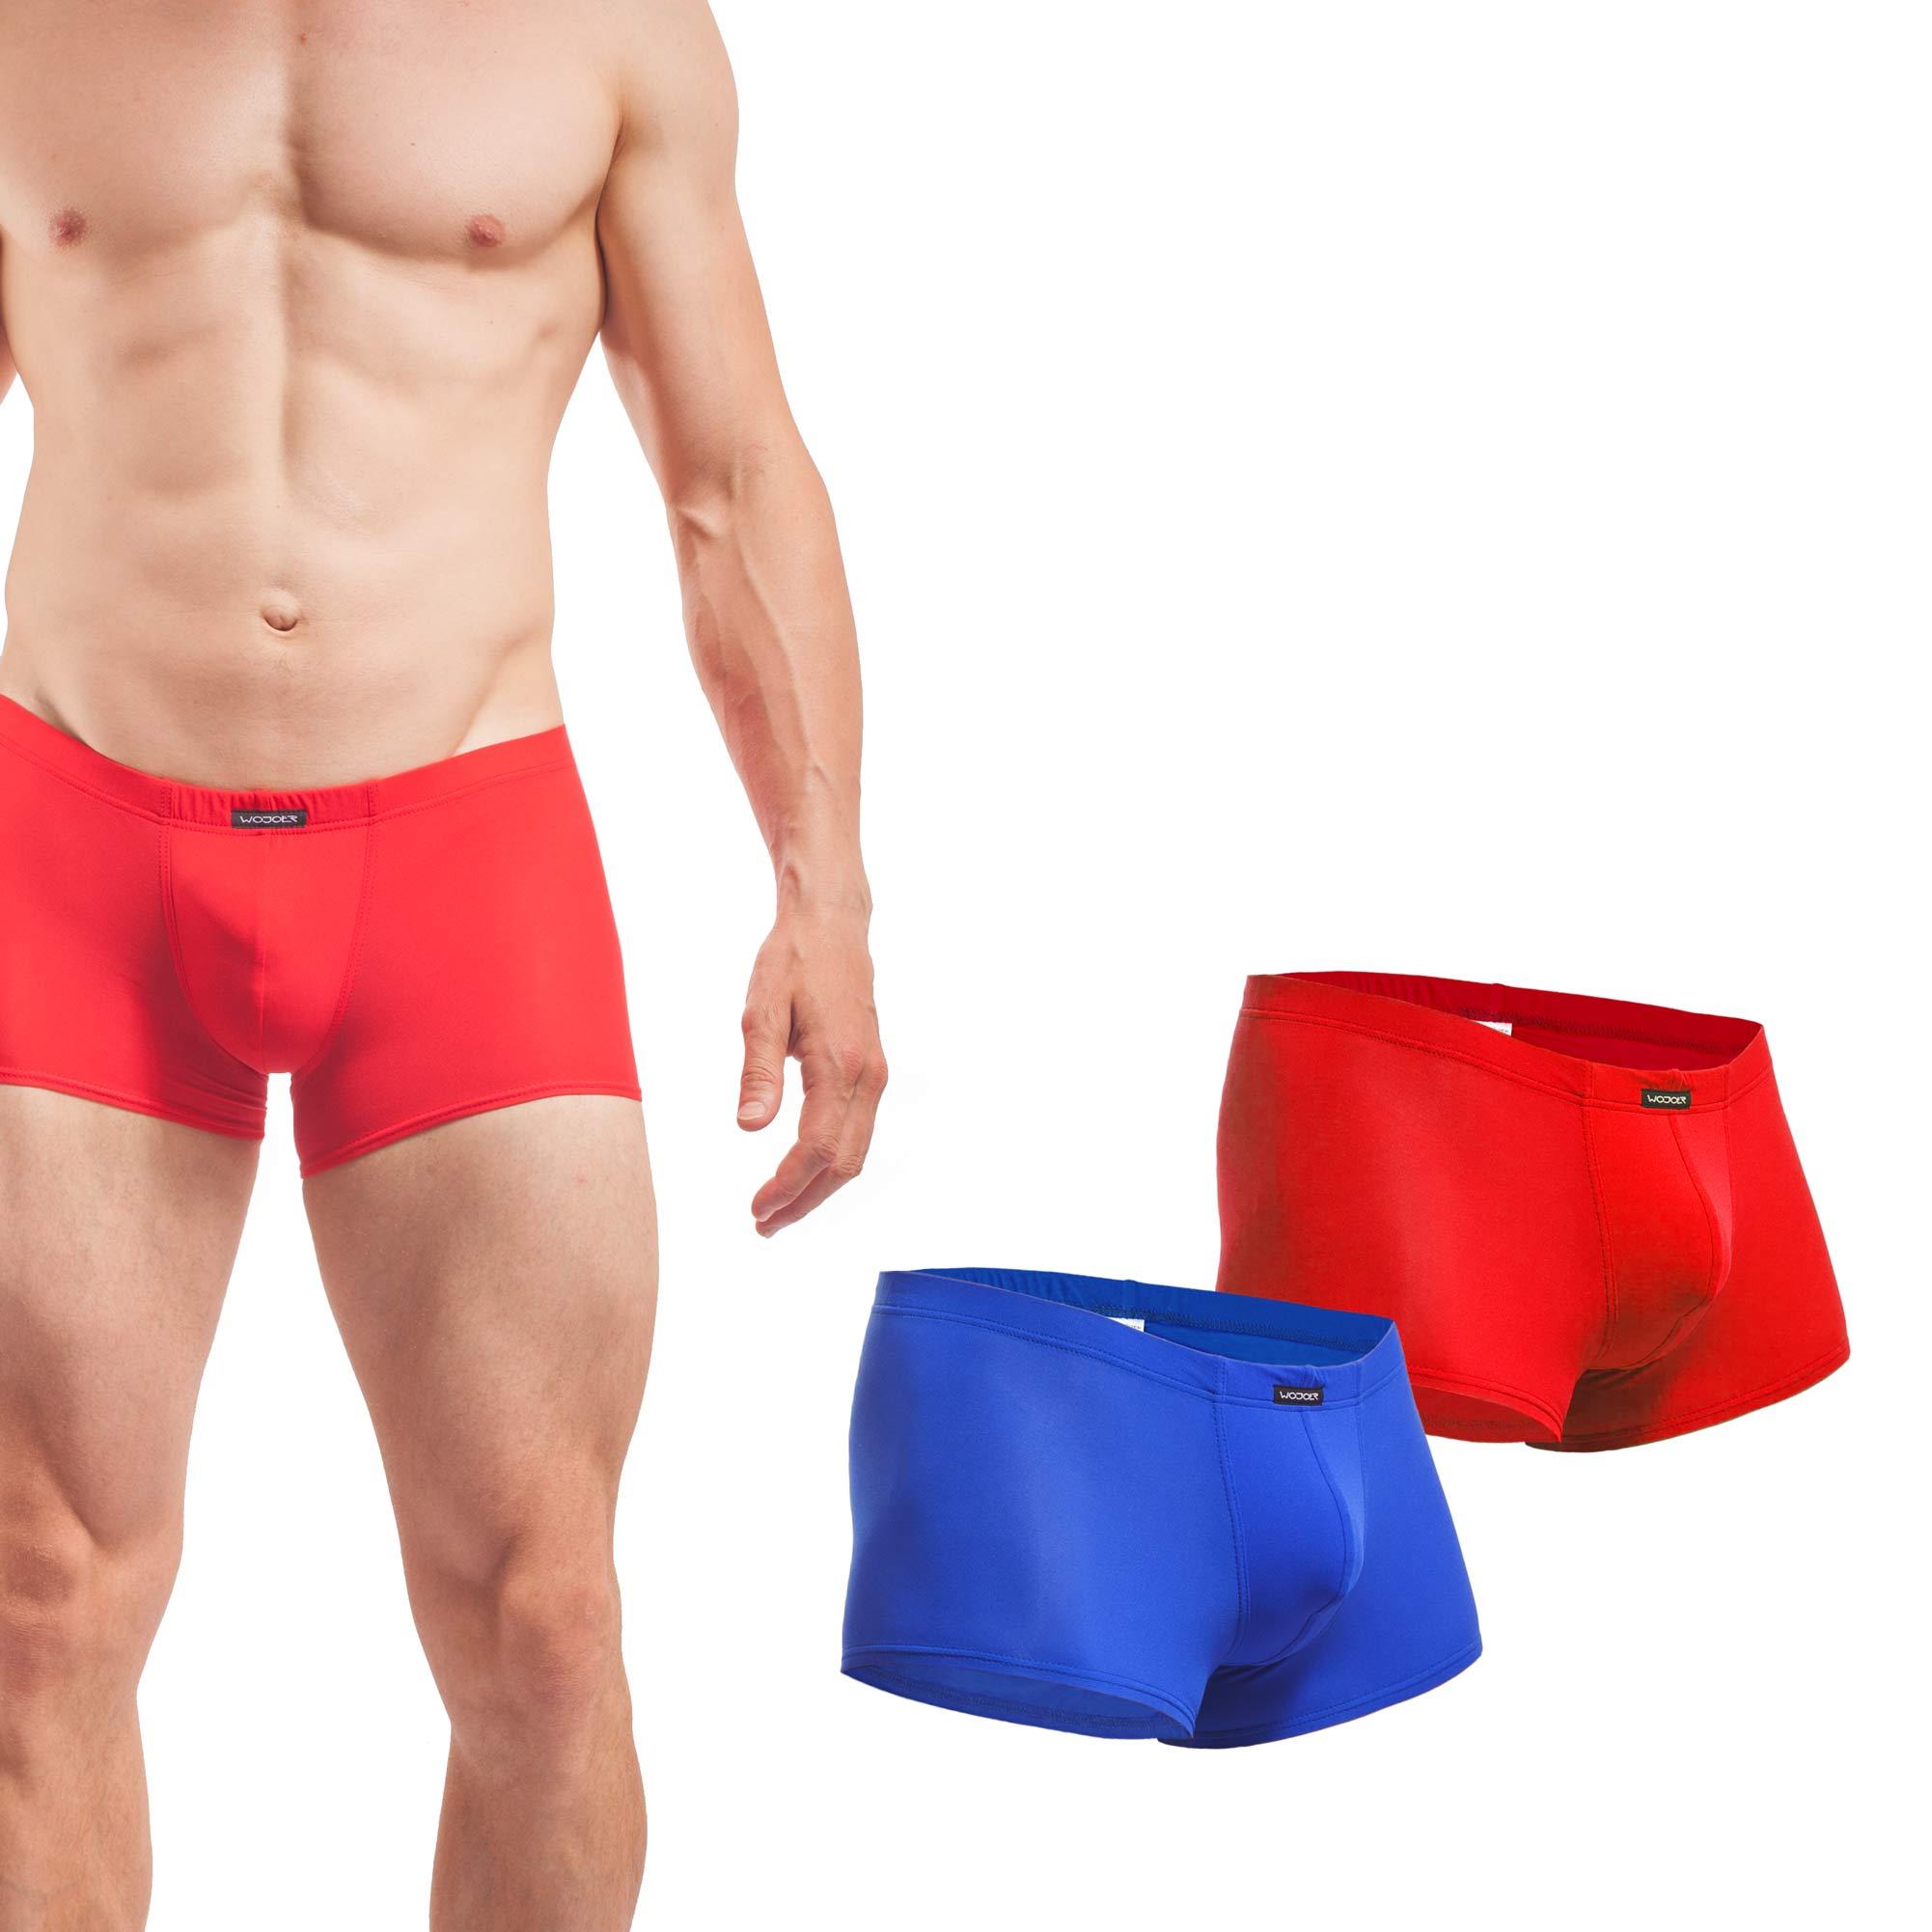 Beun, Basic, Pants, 2er Pack, rot, blau, Shorts, Herren, Unterwäsche